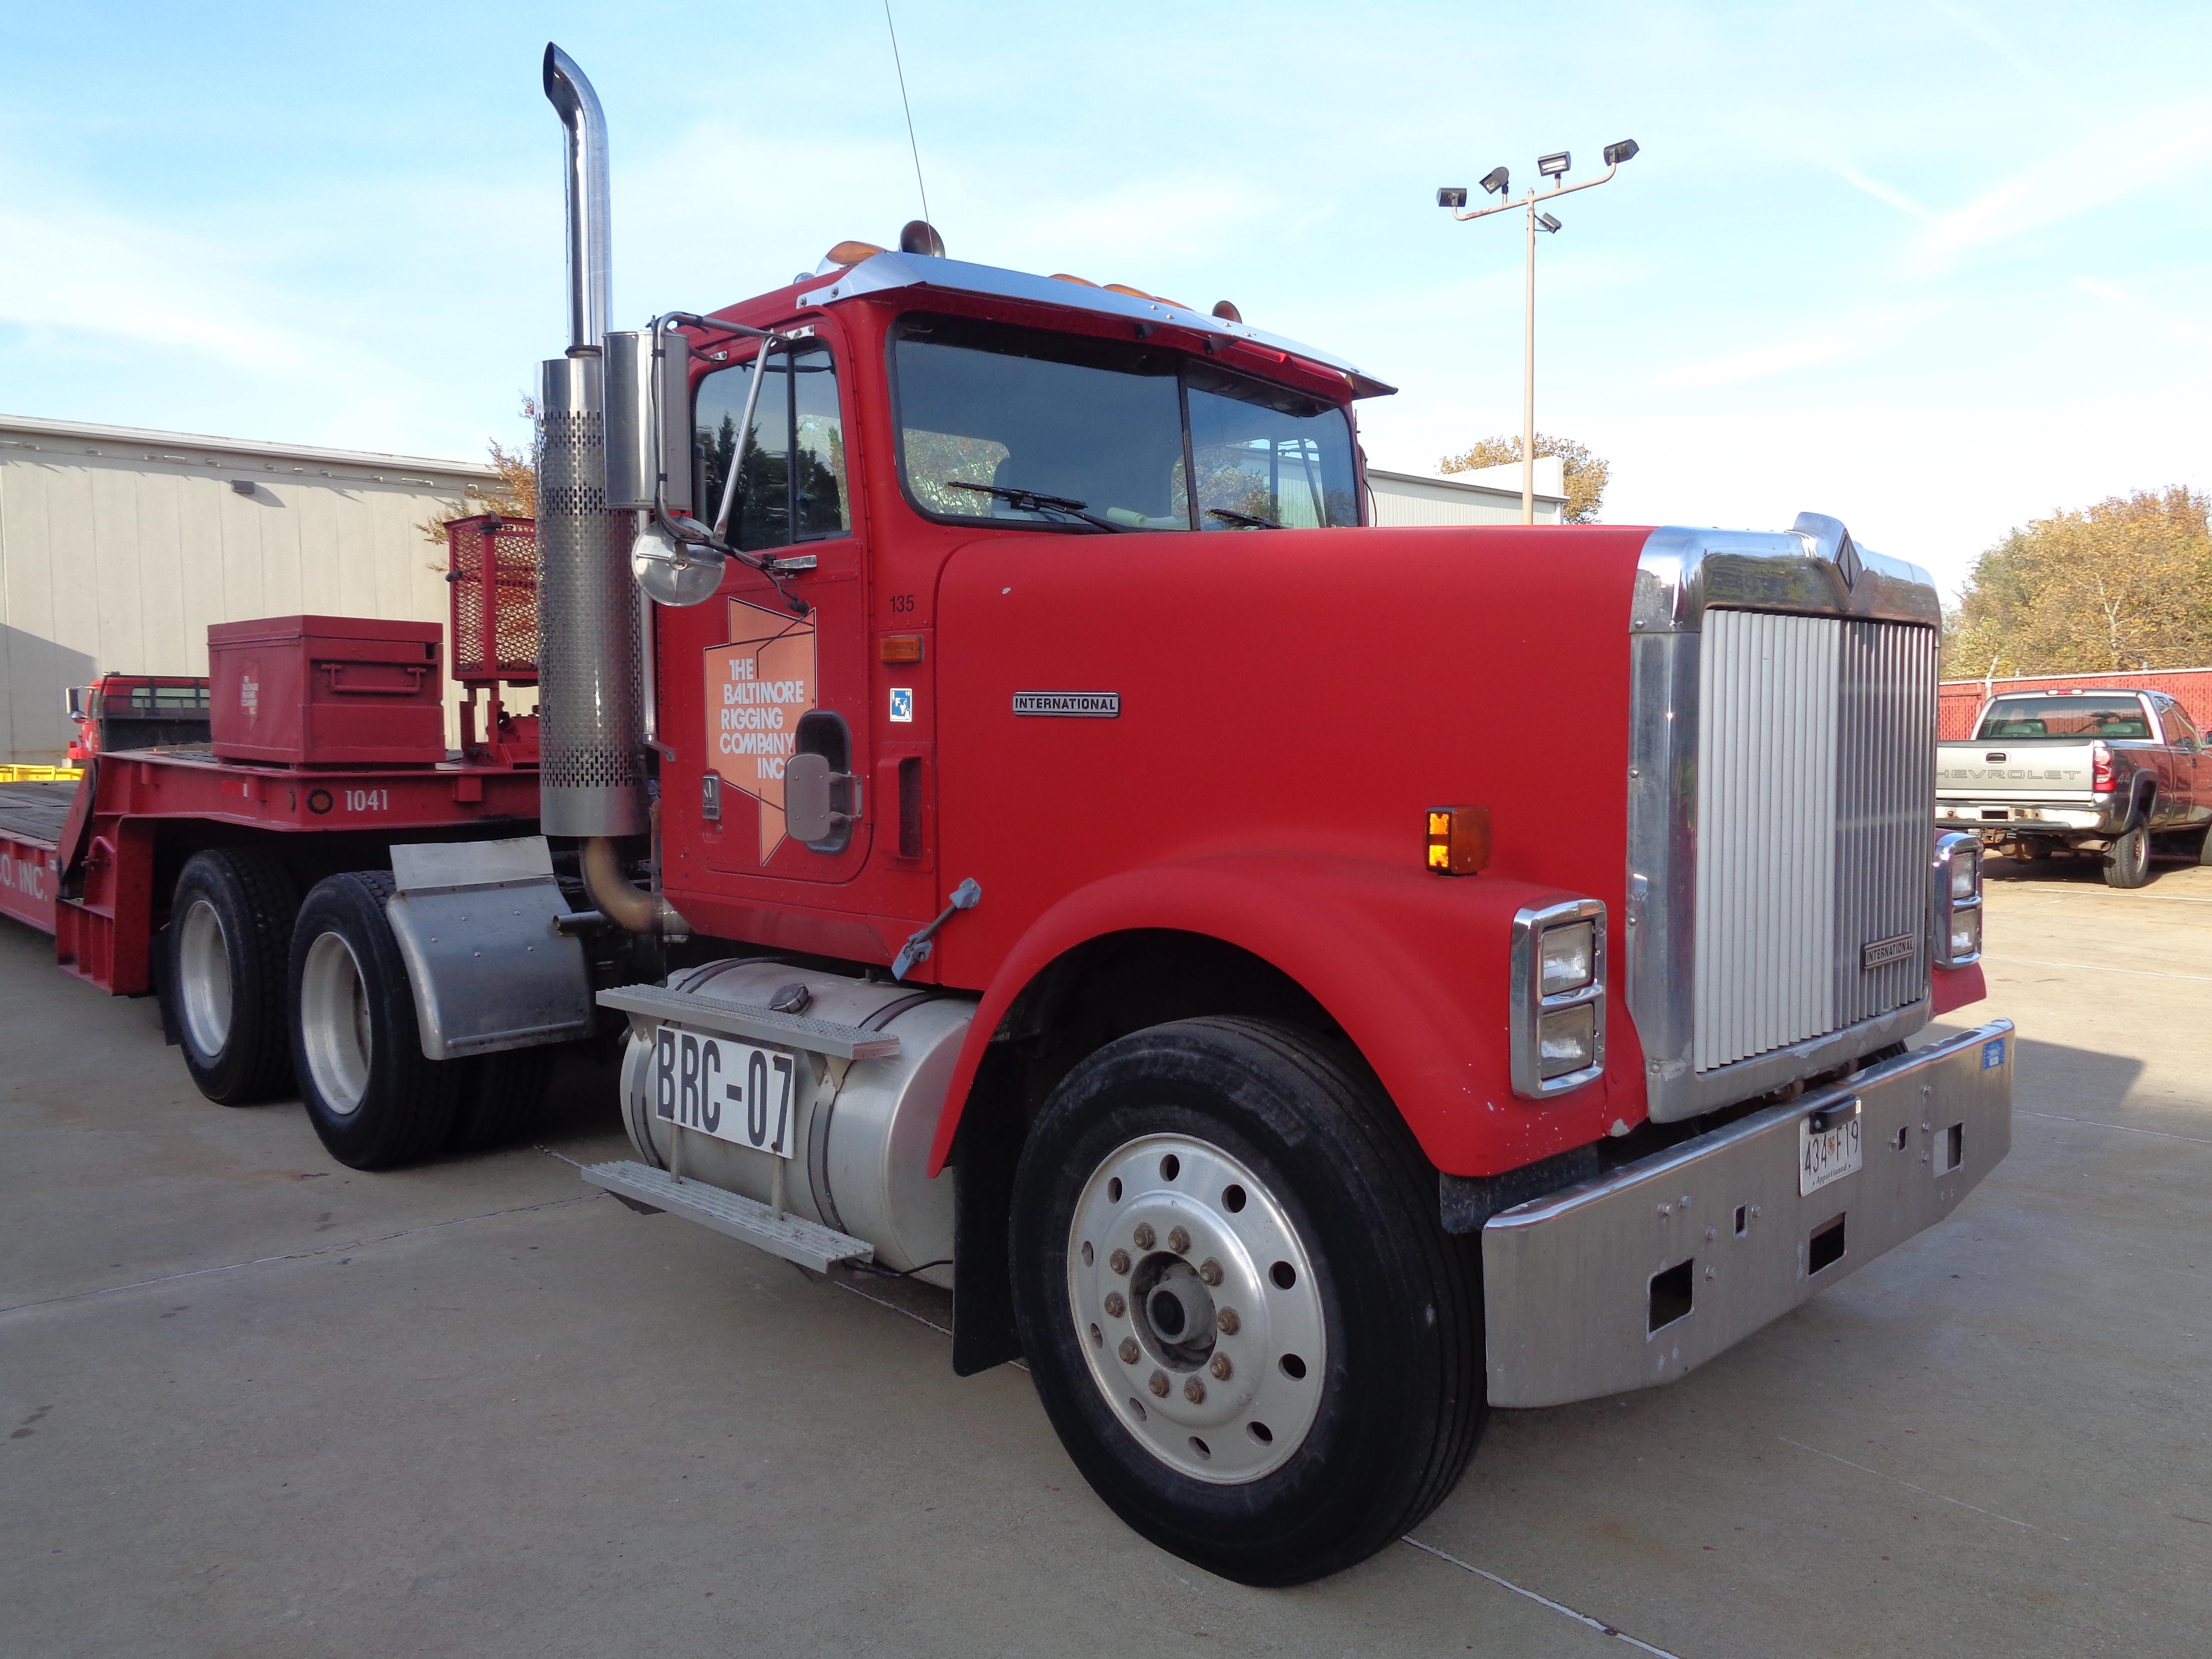 1999 International 9300 Diesel Tandem - Image 2 of 7